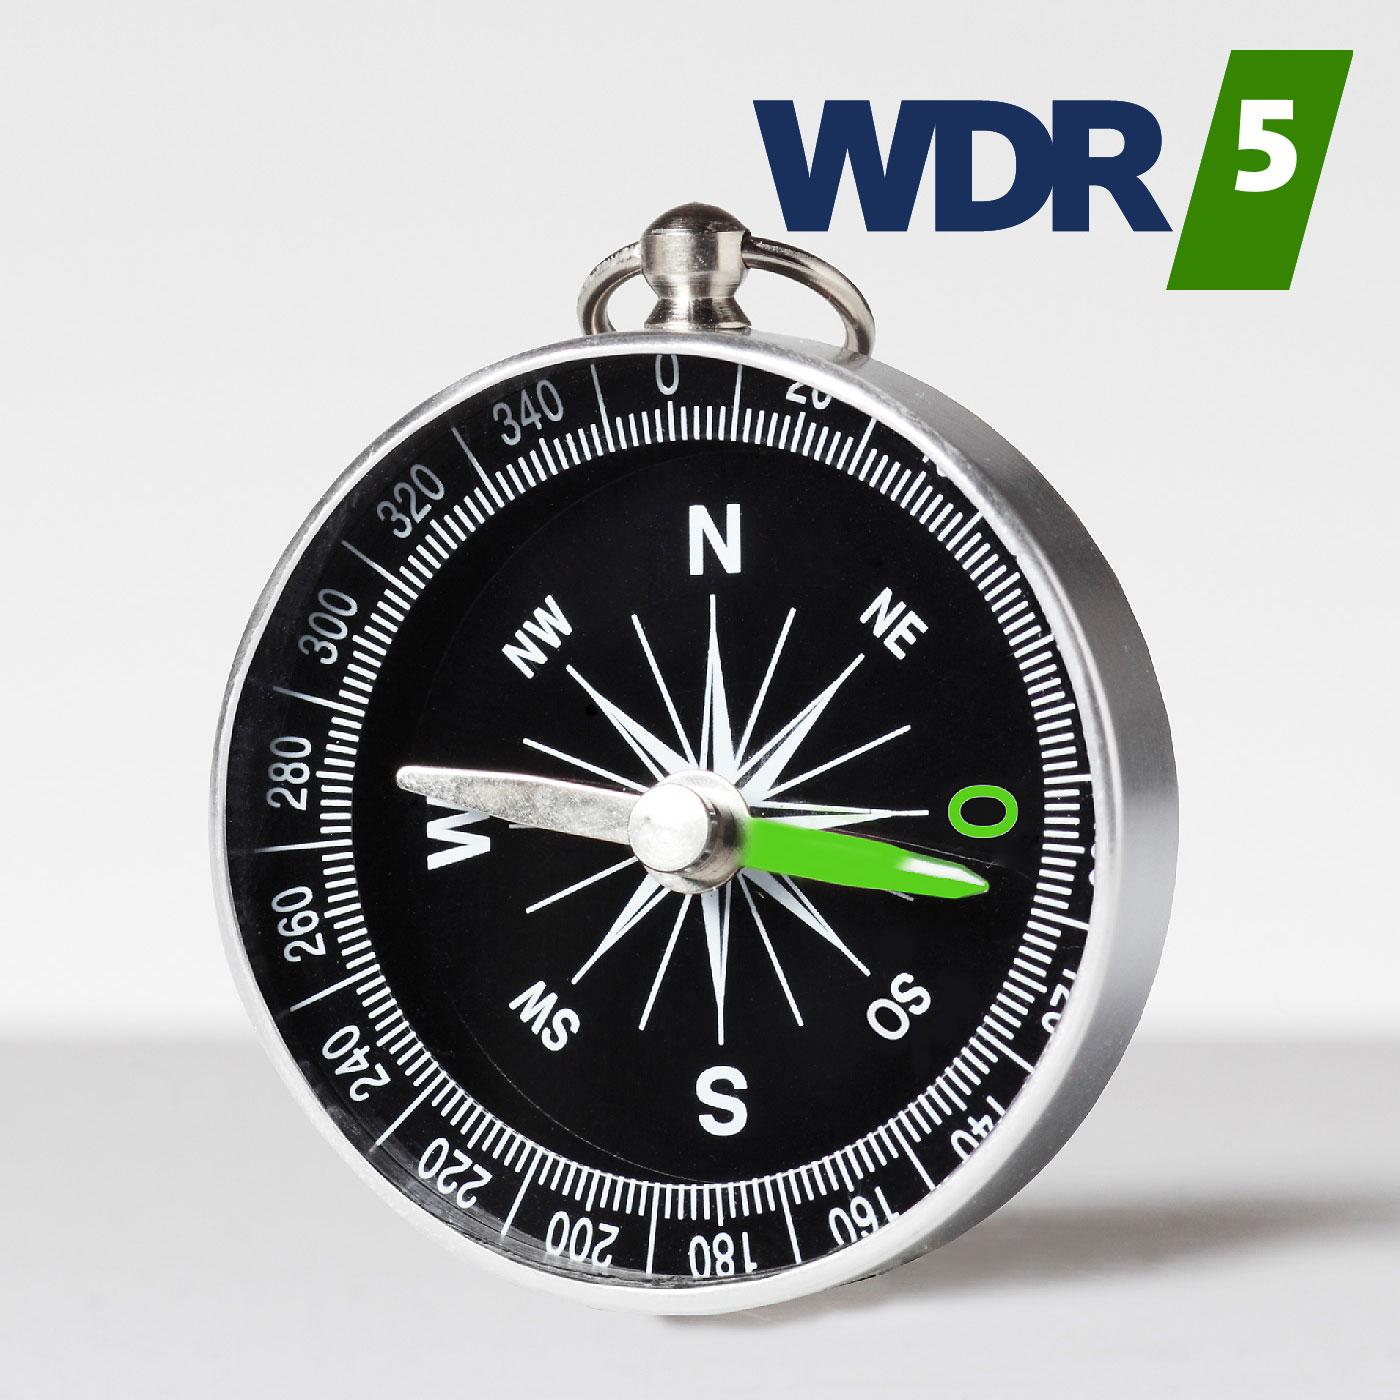 WDR 5 Das Osteuropa-Magazin - wird nicht mehr angeboten